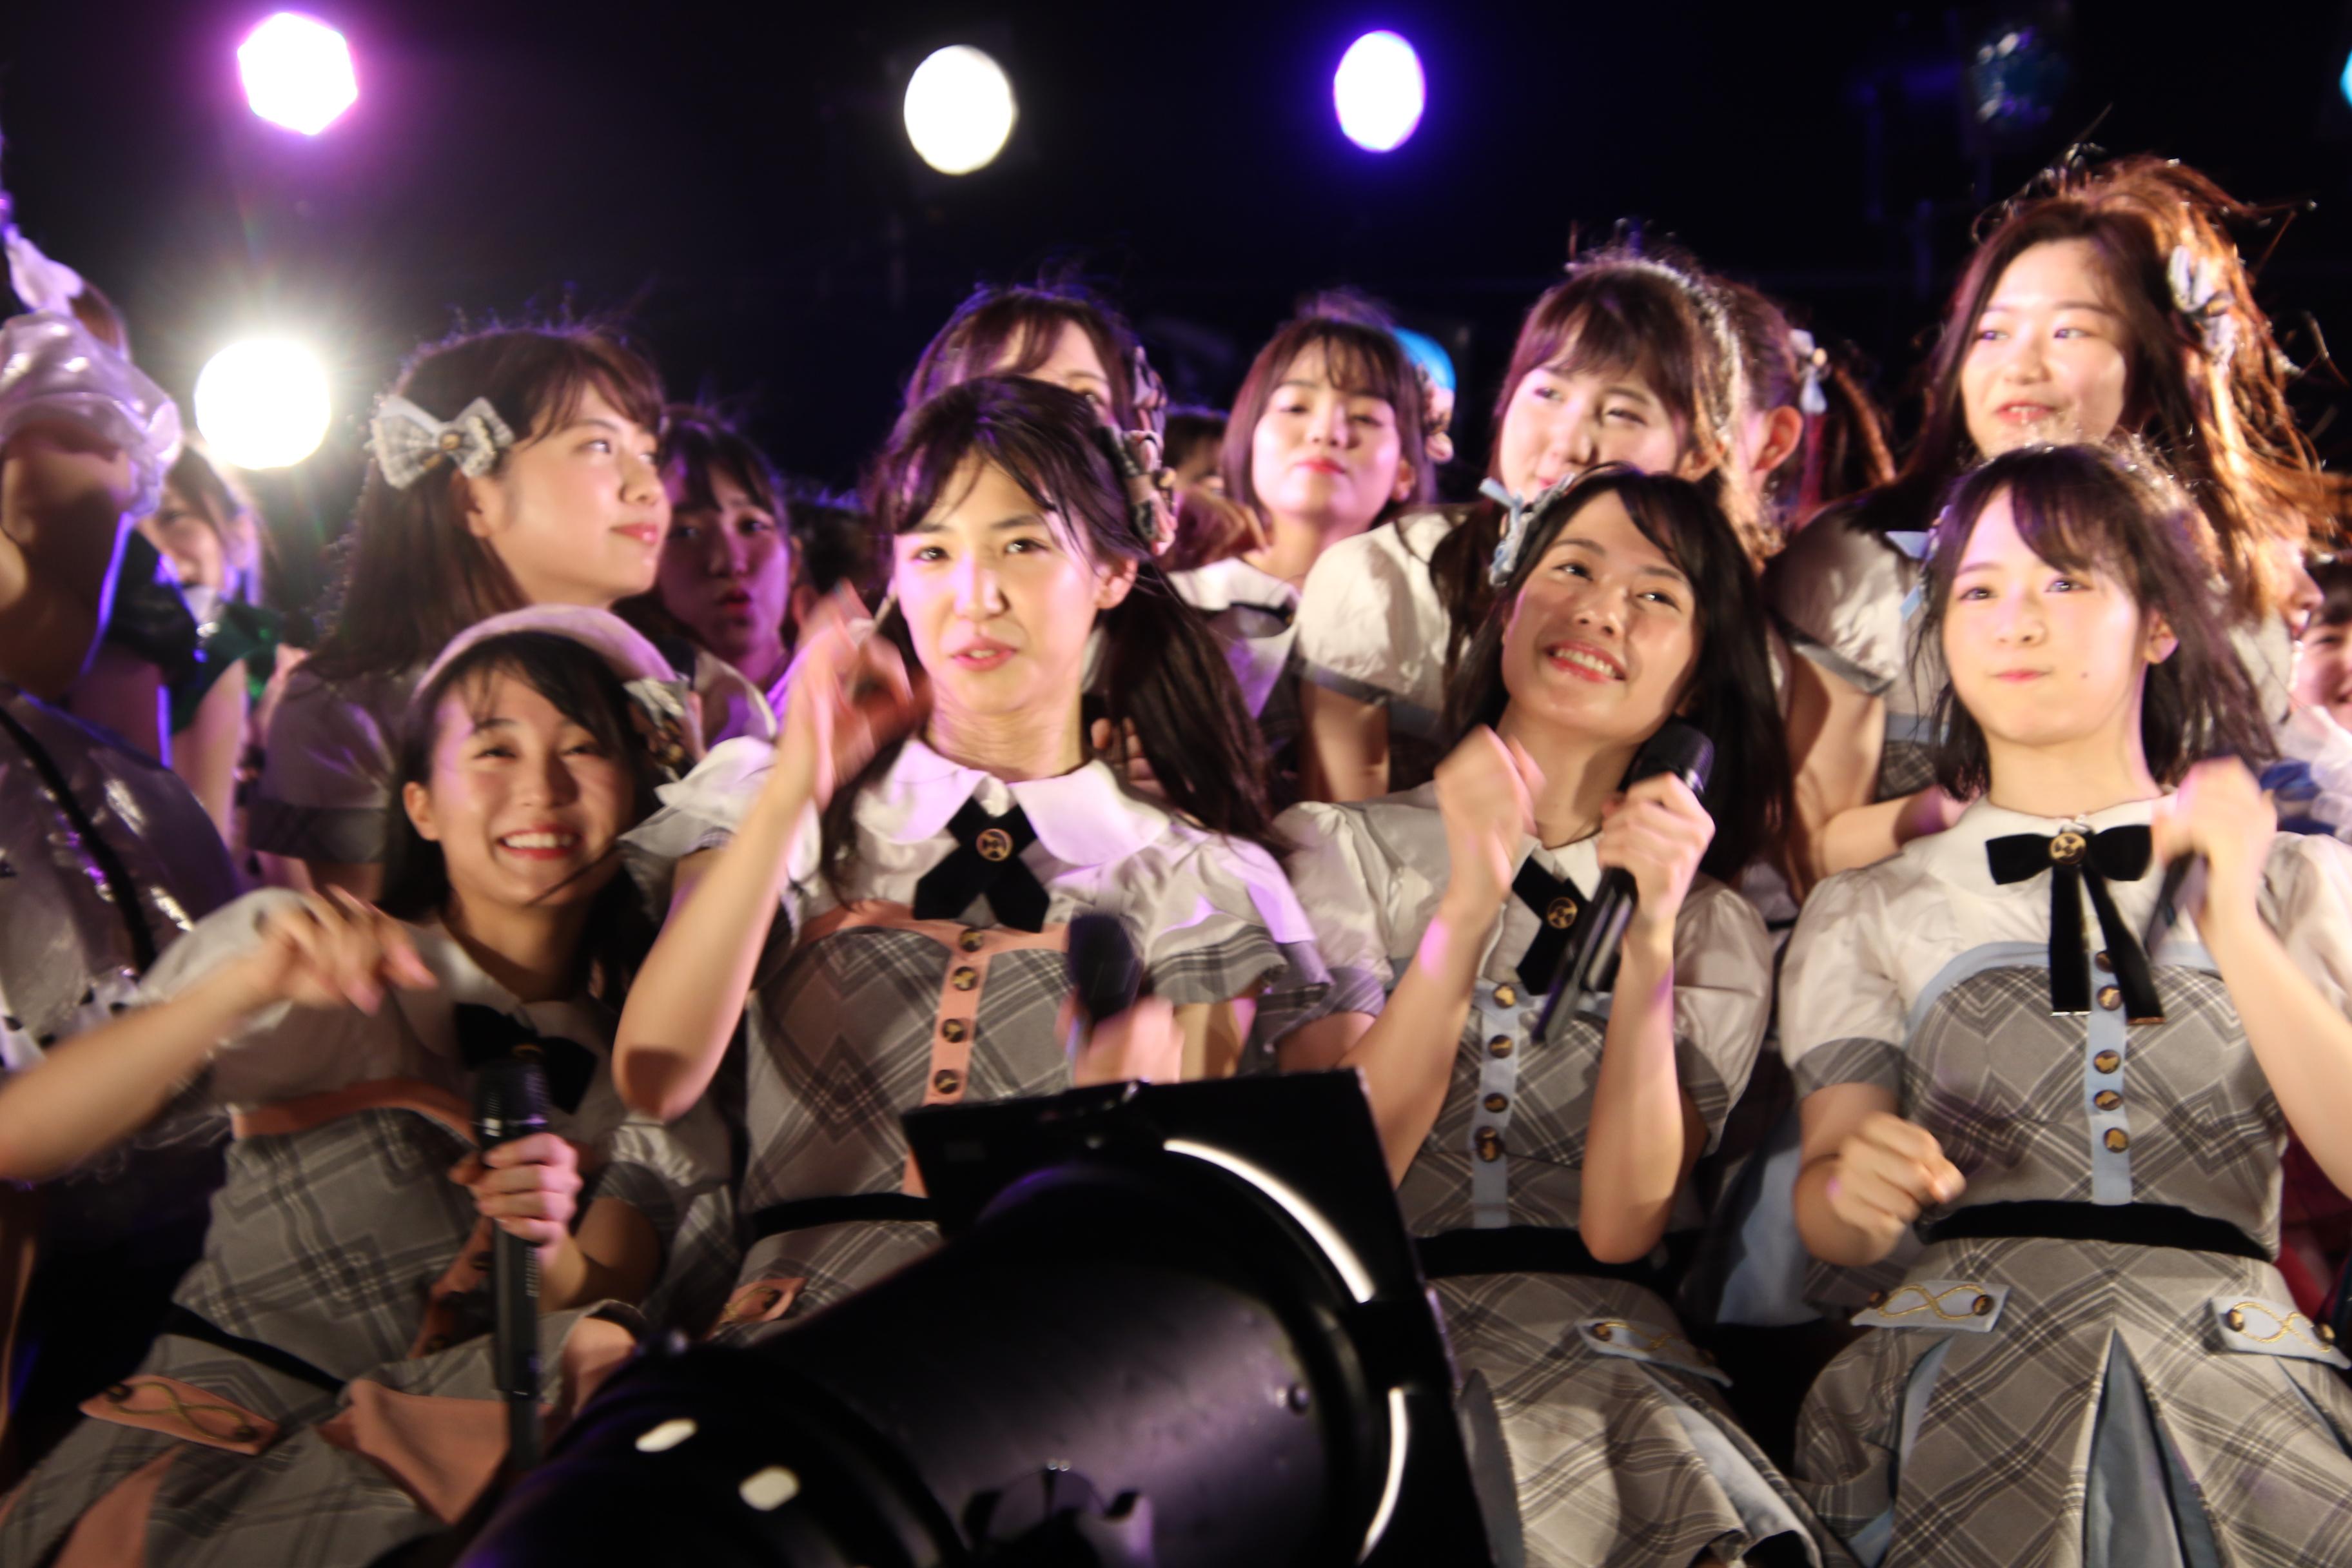 ステージにいる全員のアイドルで「恋チュン」披露時のチーム8